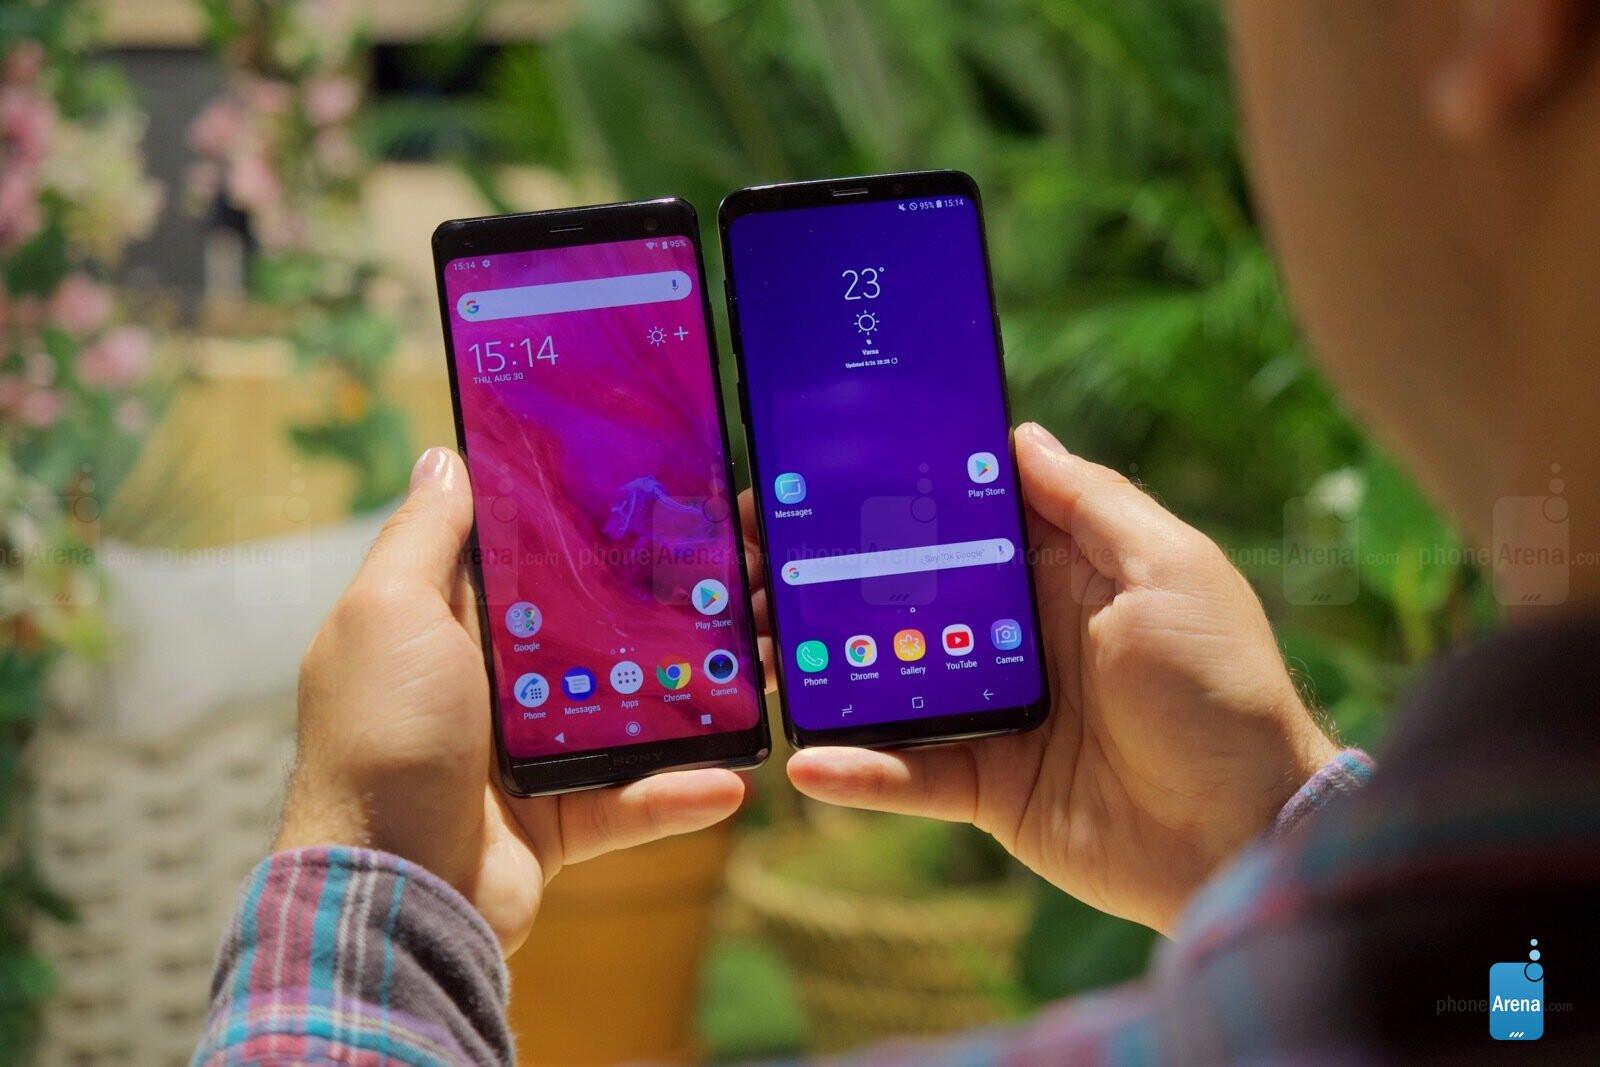 Độ lớn màn hình lần lượt xếp hạng theo thứ tự: Samsung S9 - Sony XZ3 - Samsung S9 Plus